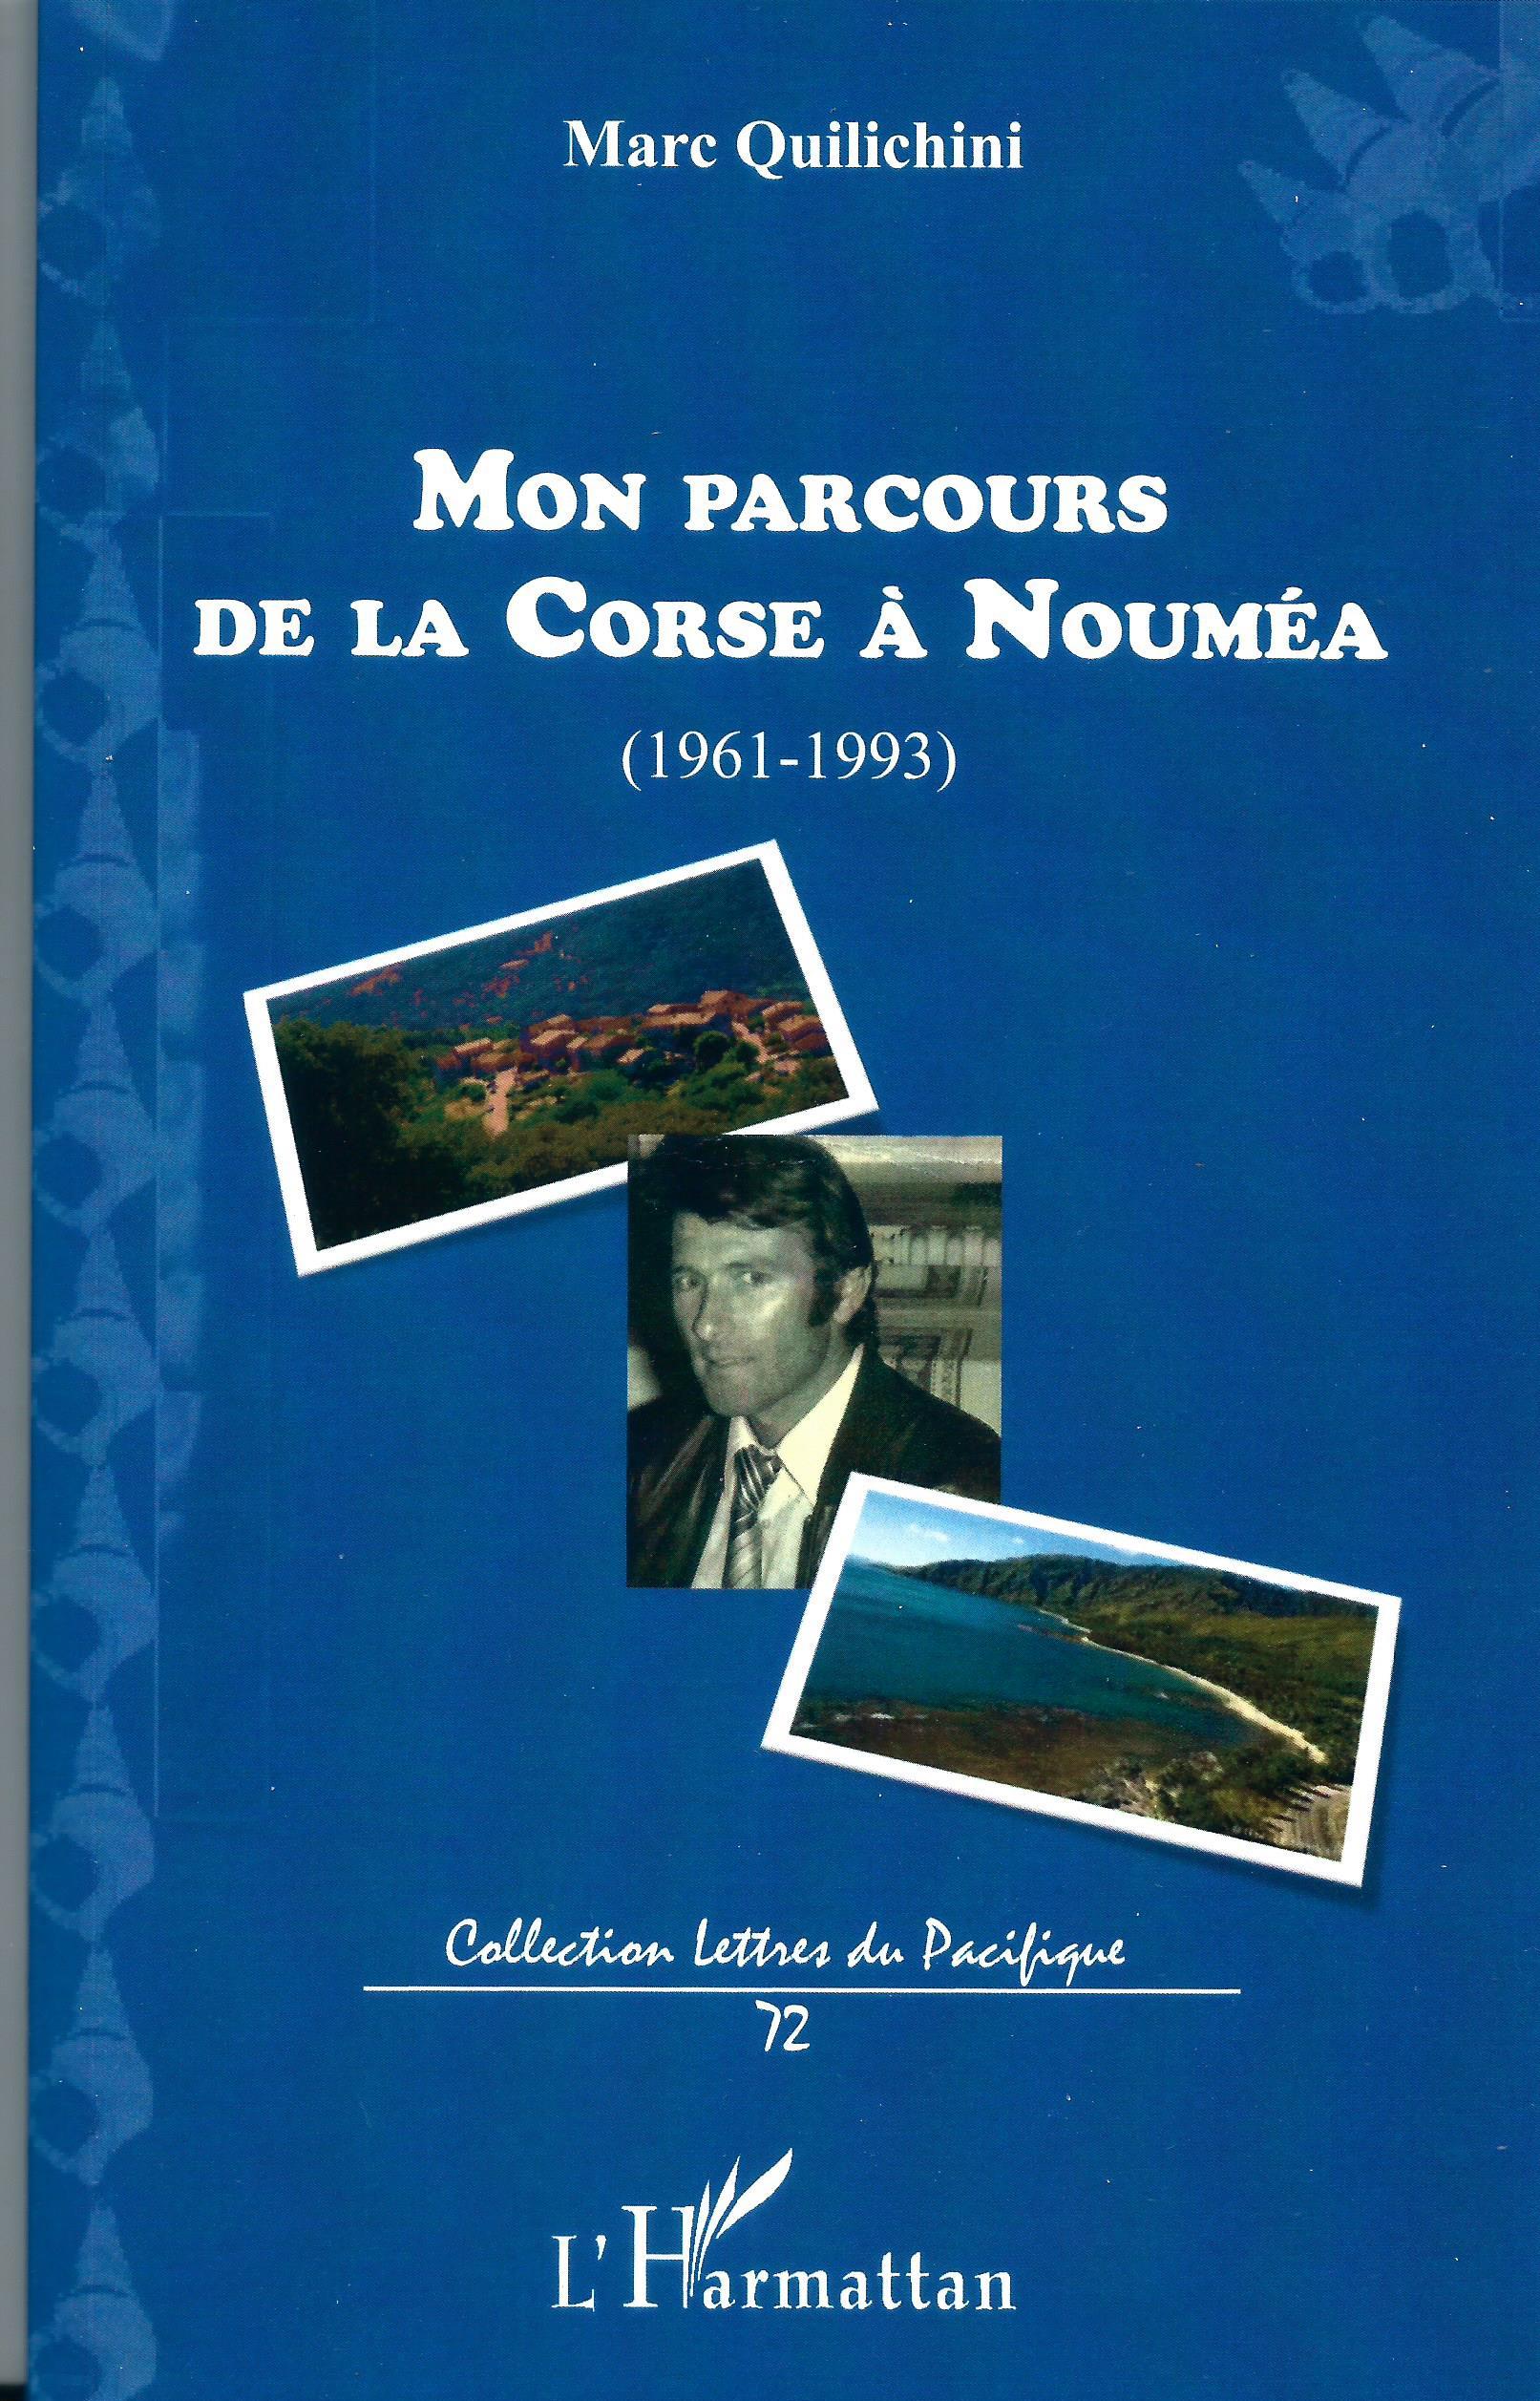 """Livres-Marc Quilichini :"""" Mon parcours de la Corse à Nouméa"""""""